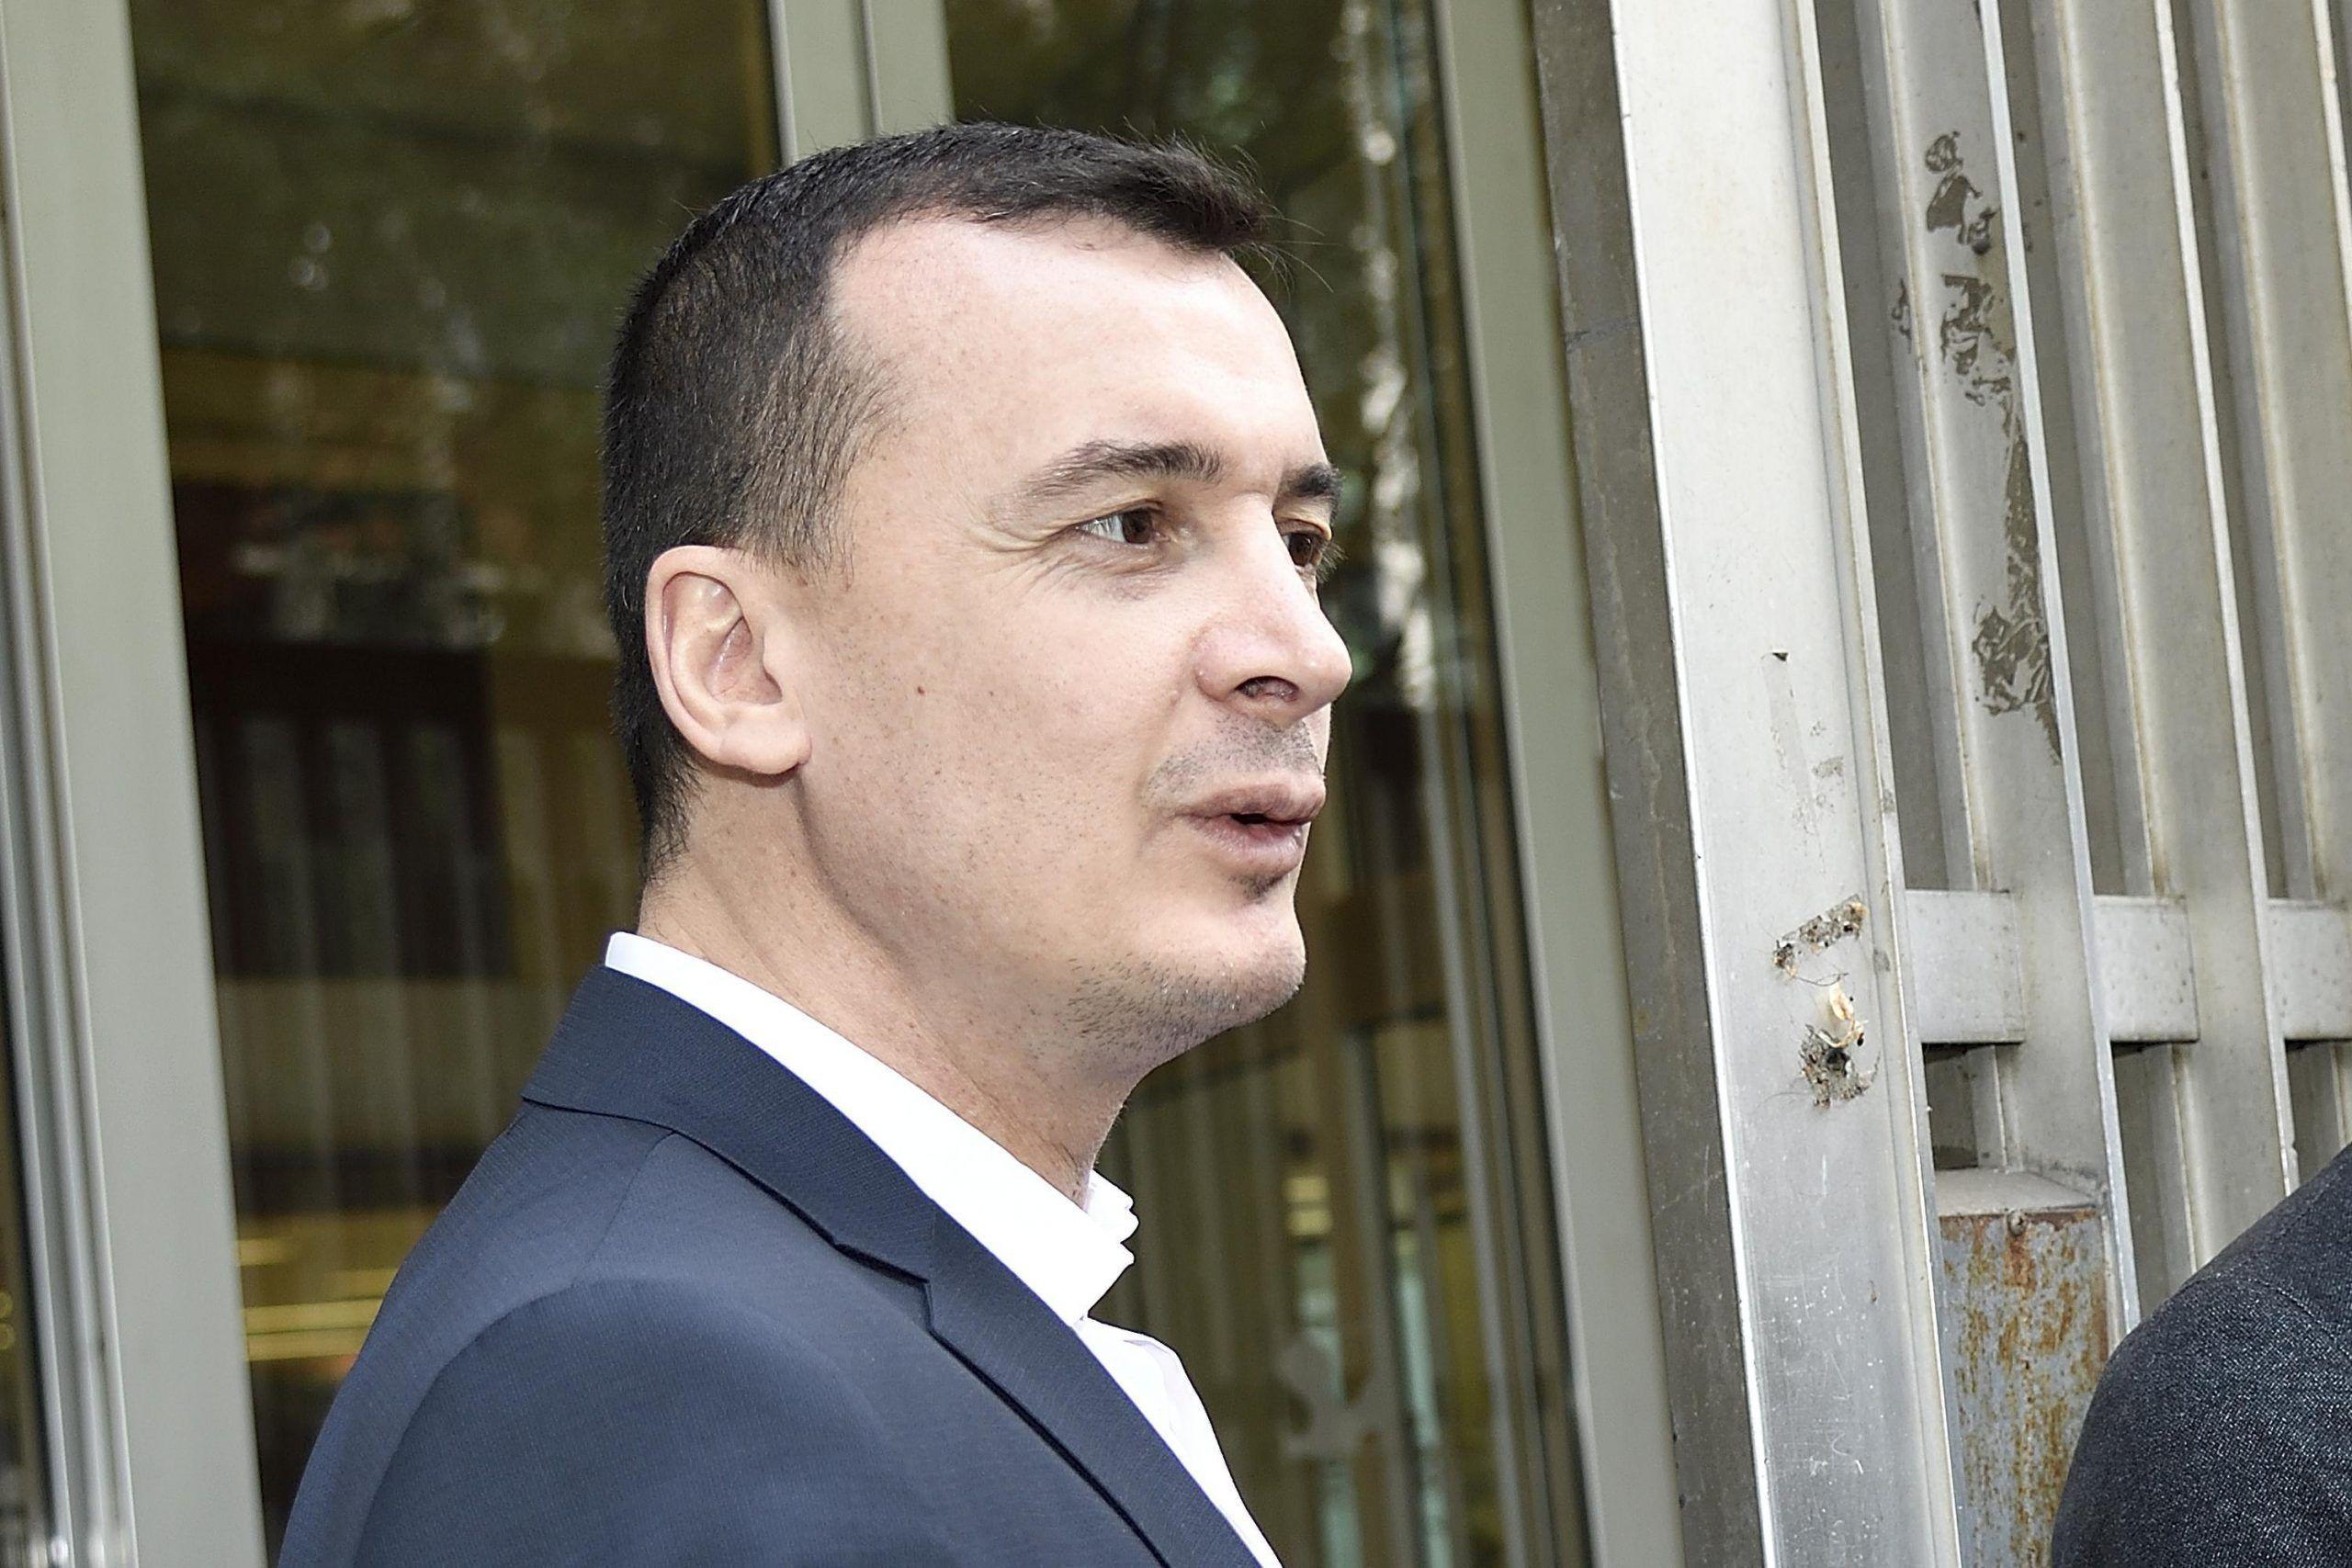 Rocco Casalino sullo stipendio più alto di Palazzo Chigi: 'Me lo merito'